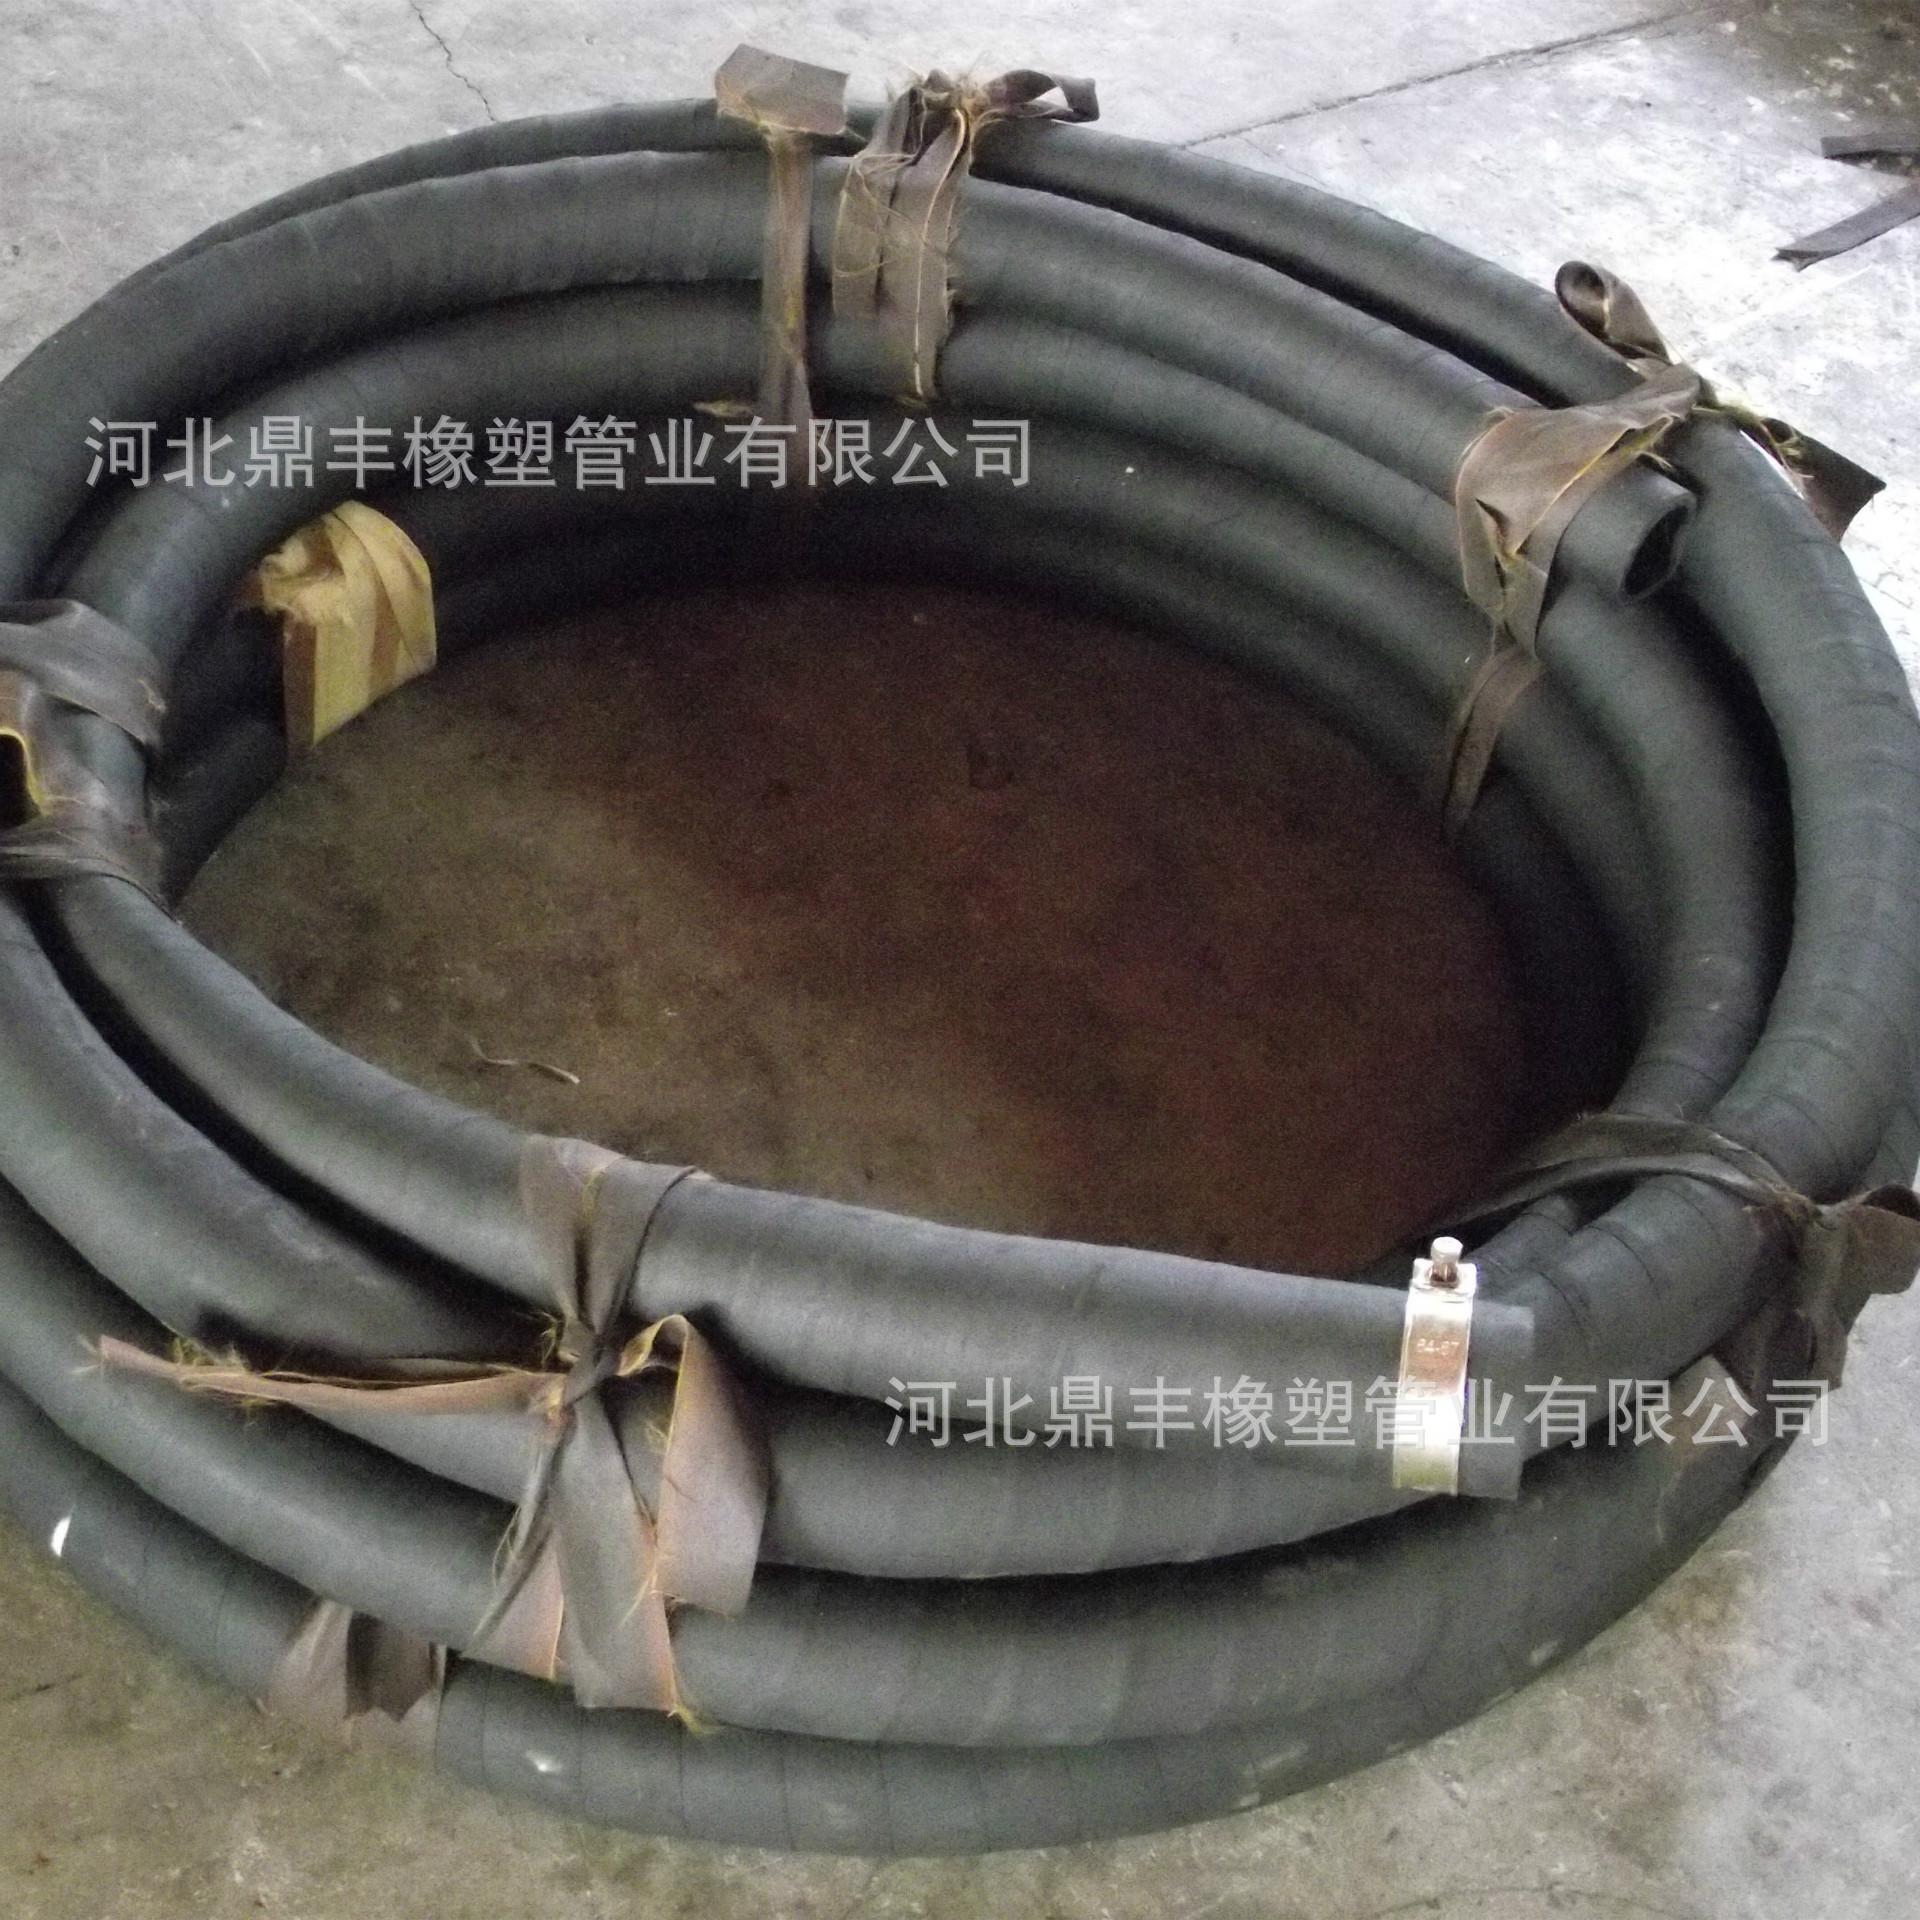 厂价供应夹布管 夹布空气胶管 DN50压缩空气耐热橡胶管 量大优惠